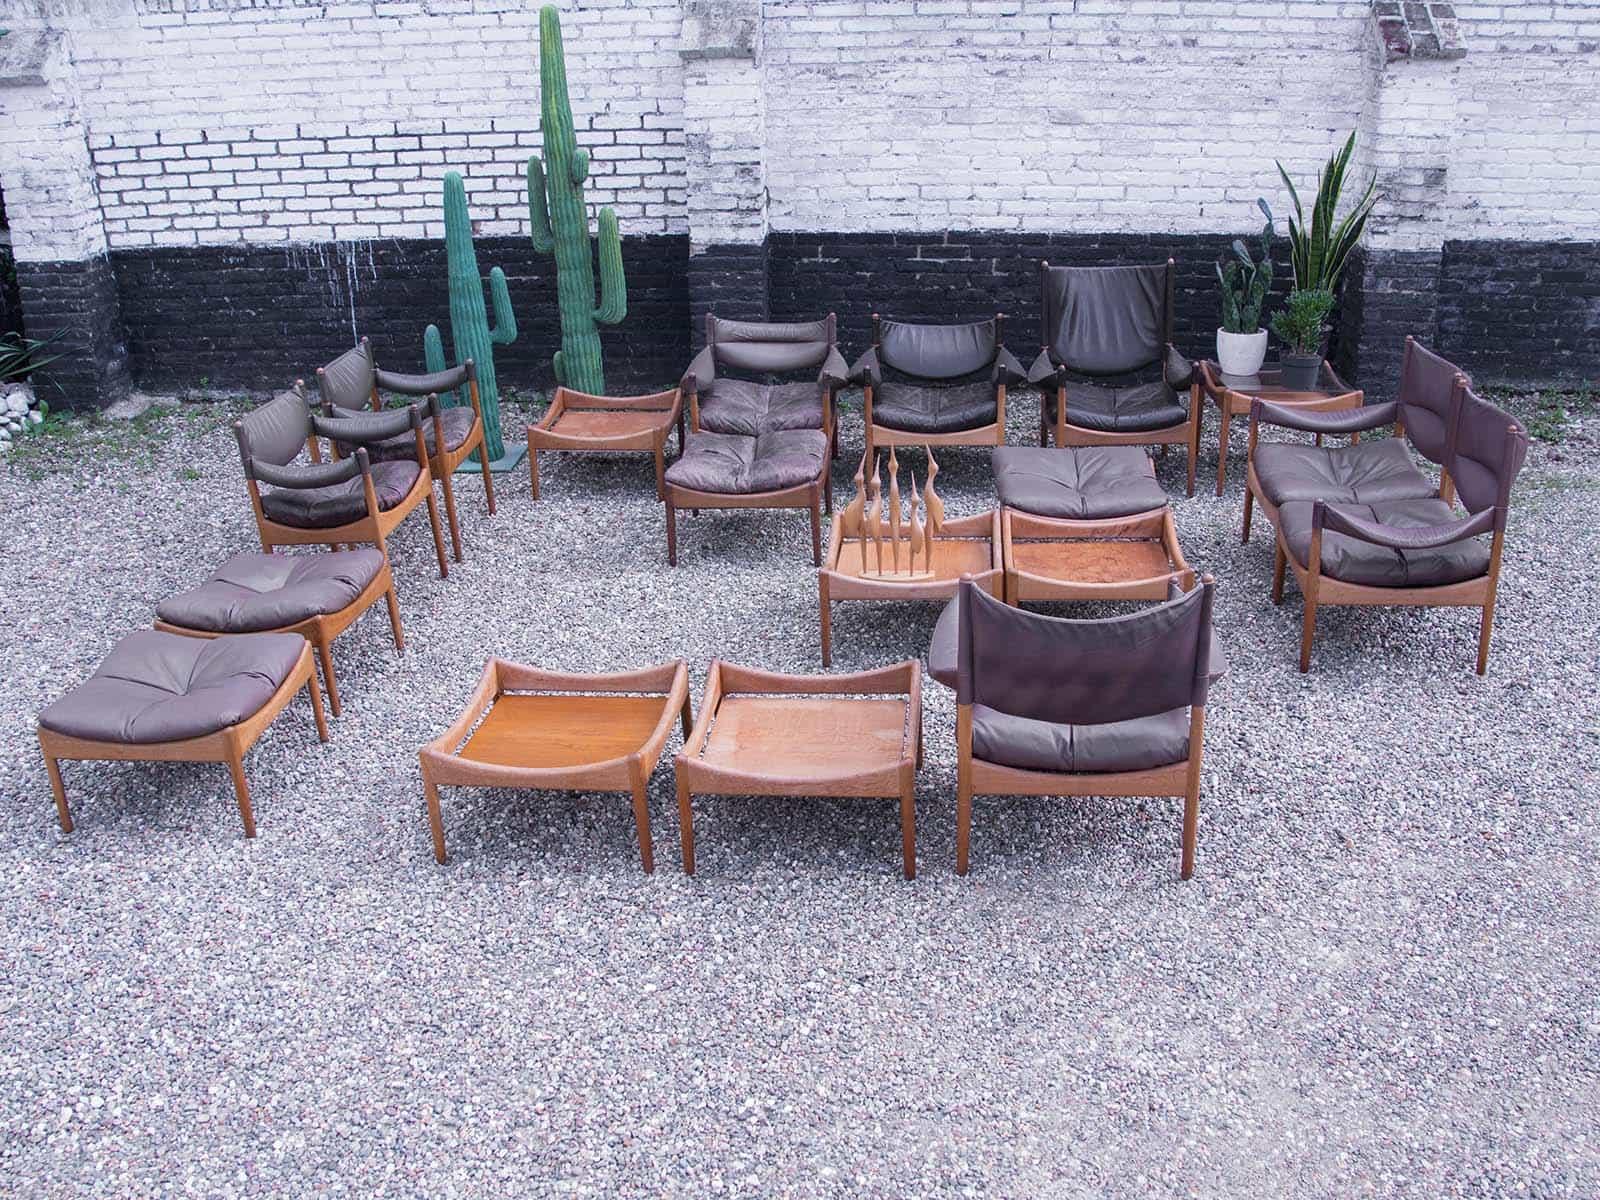 Modus living room set kristian vedel for s ren willadsen vintage zitgroep - Deco gezellige lounge ...